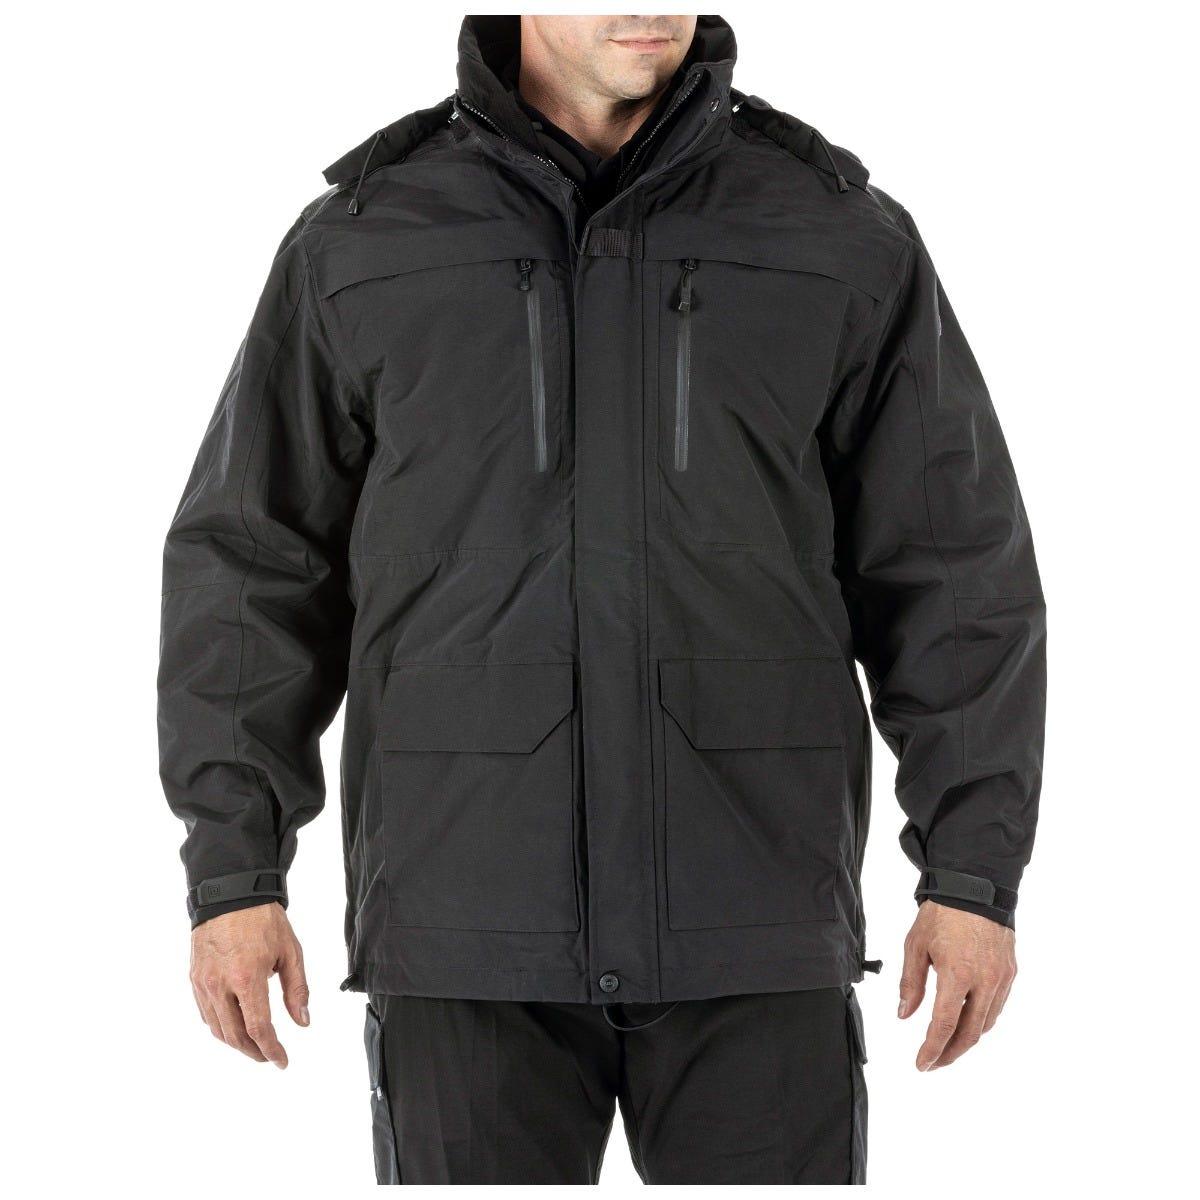 5.11 Tactical Men's First Responder Jacket (Black)